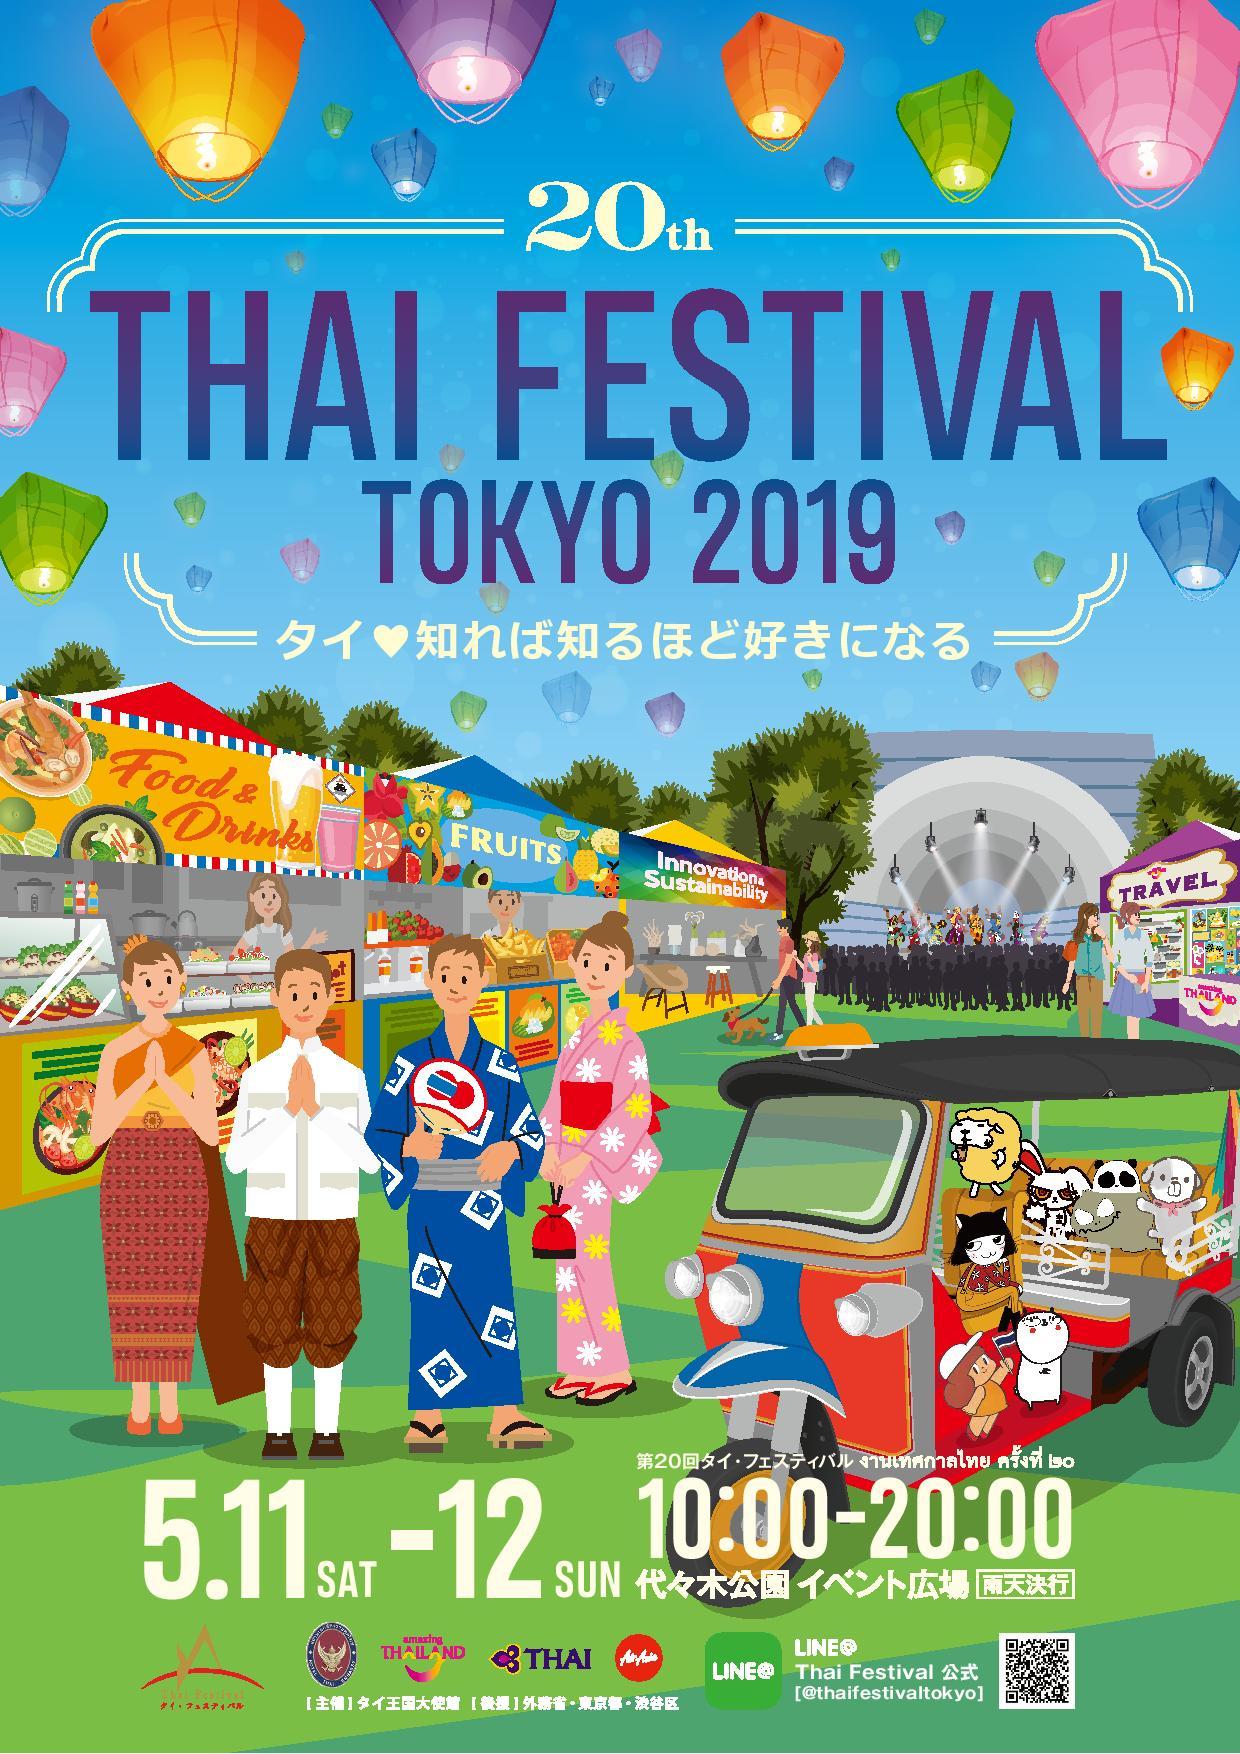 第20回 タイ・フェスティバル 2019のフライヤー1